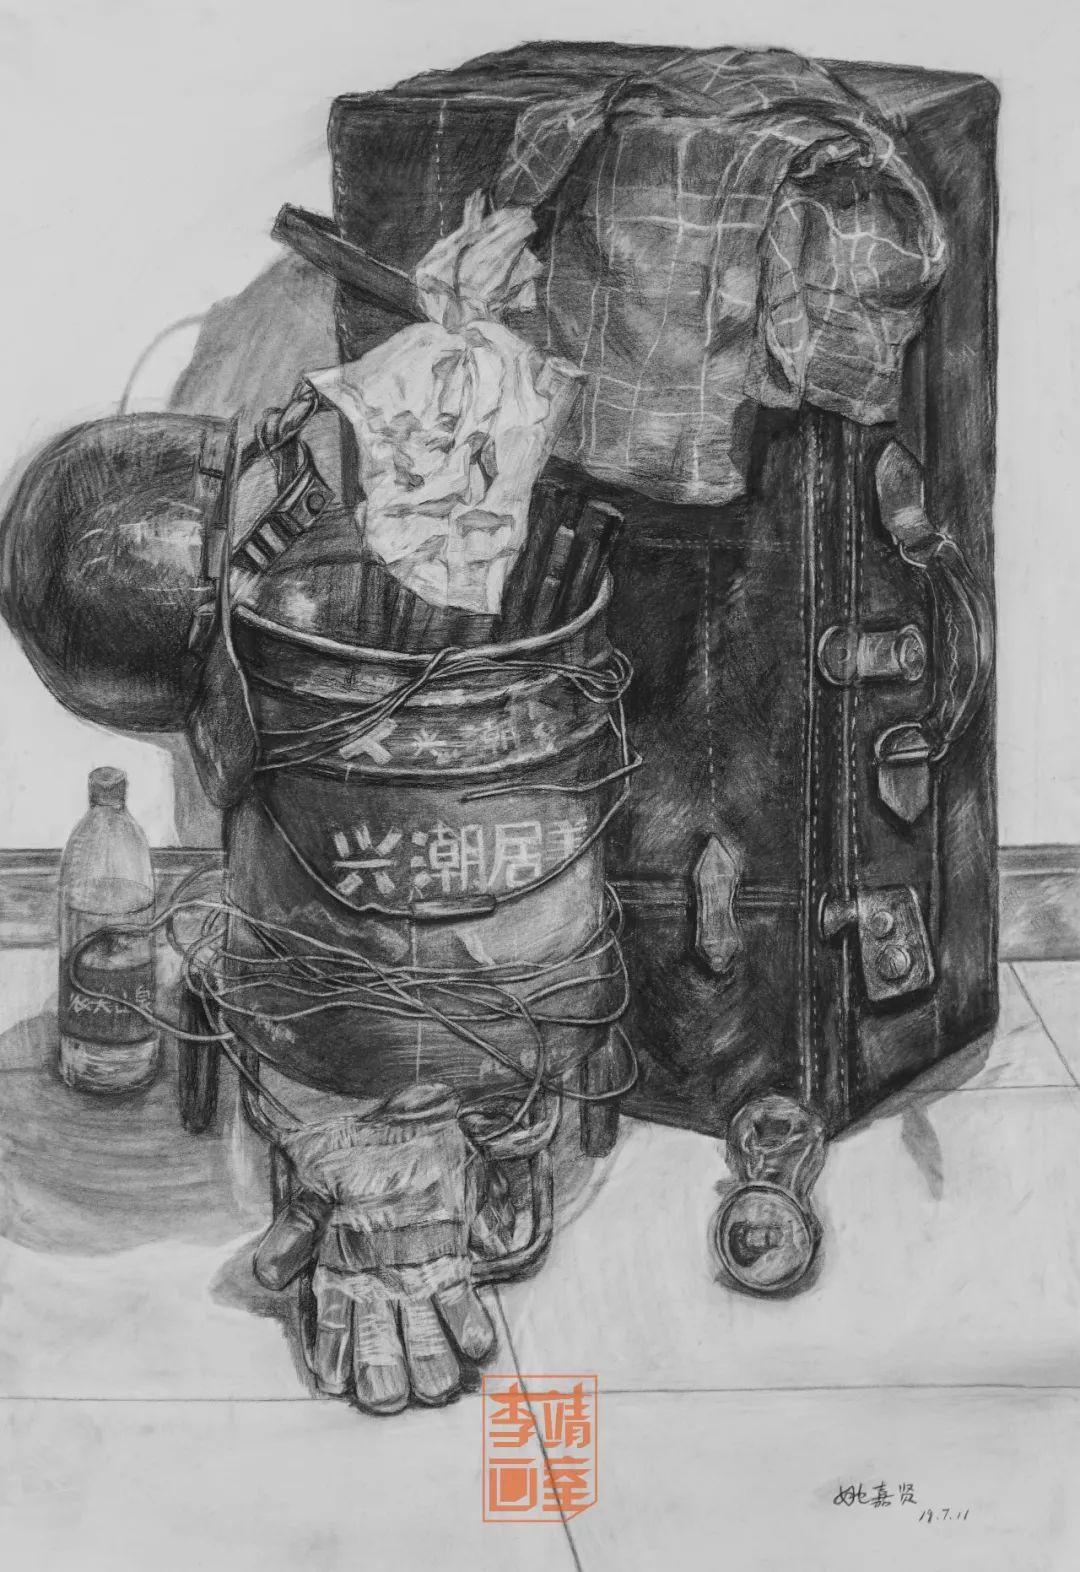 李靖画室集训寒假预科班强势来袭,从青铜到王者就在这个假期!,北京画室,北京美术培训   17